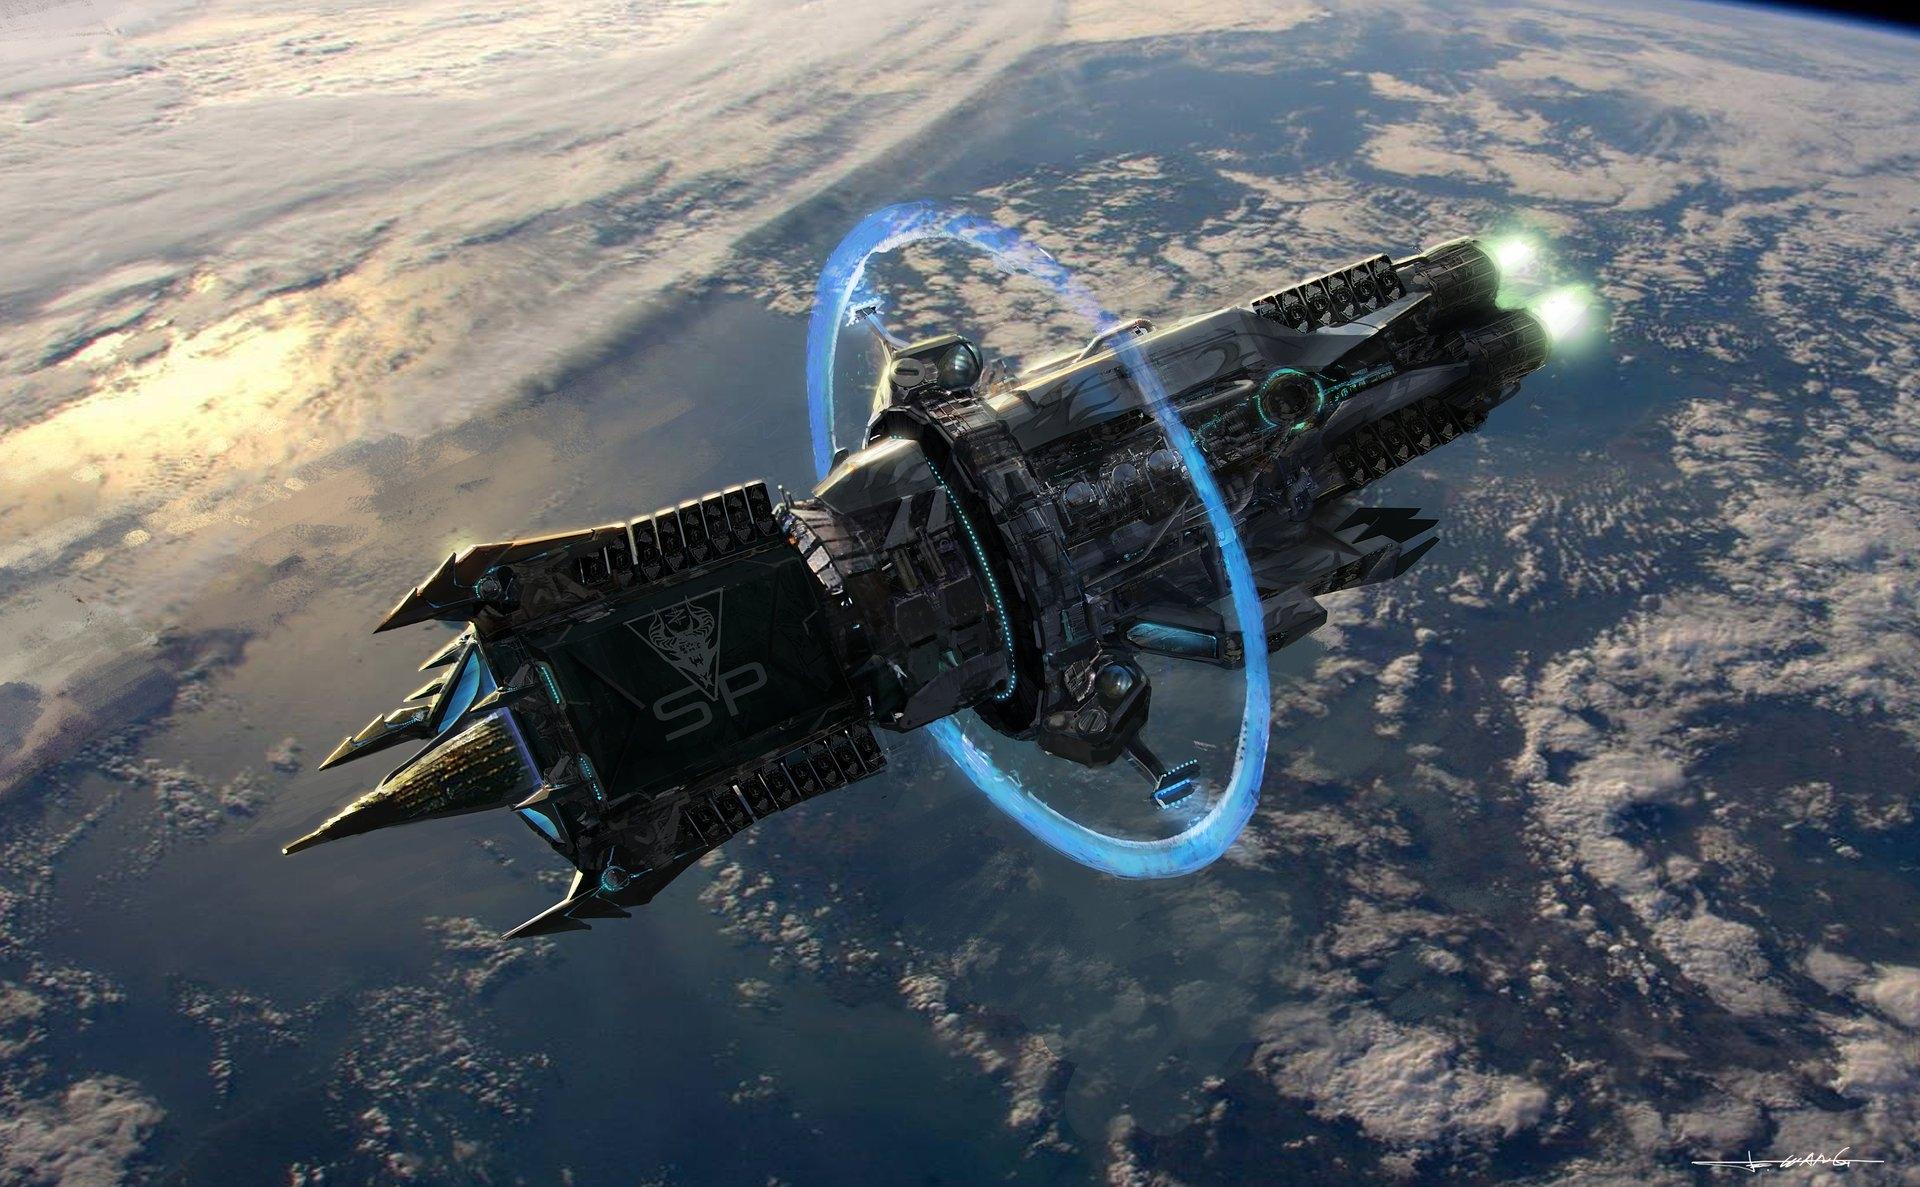 Hintergrundbilder 1920x1187 Px Awesome Spaceship